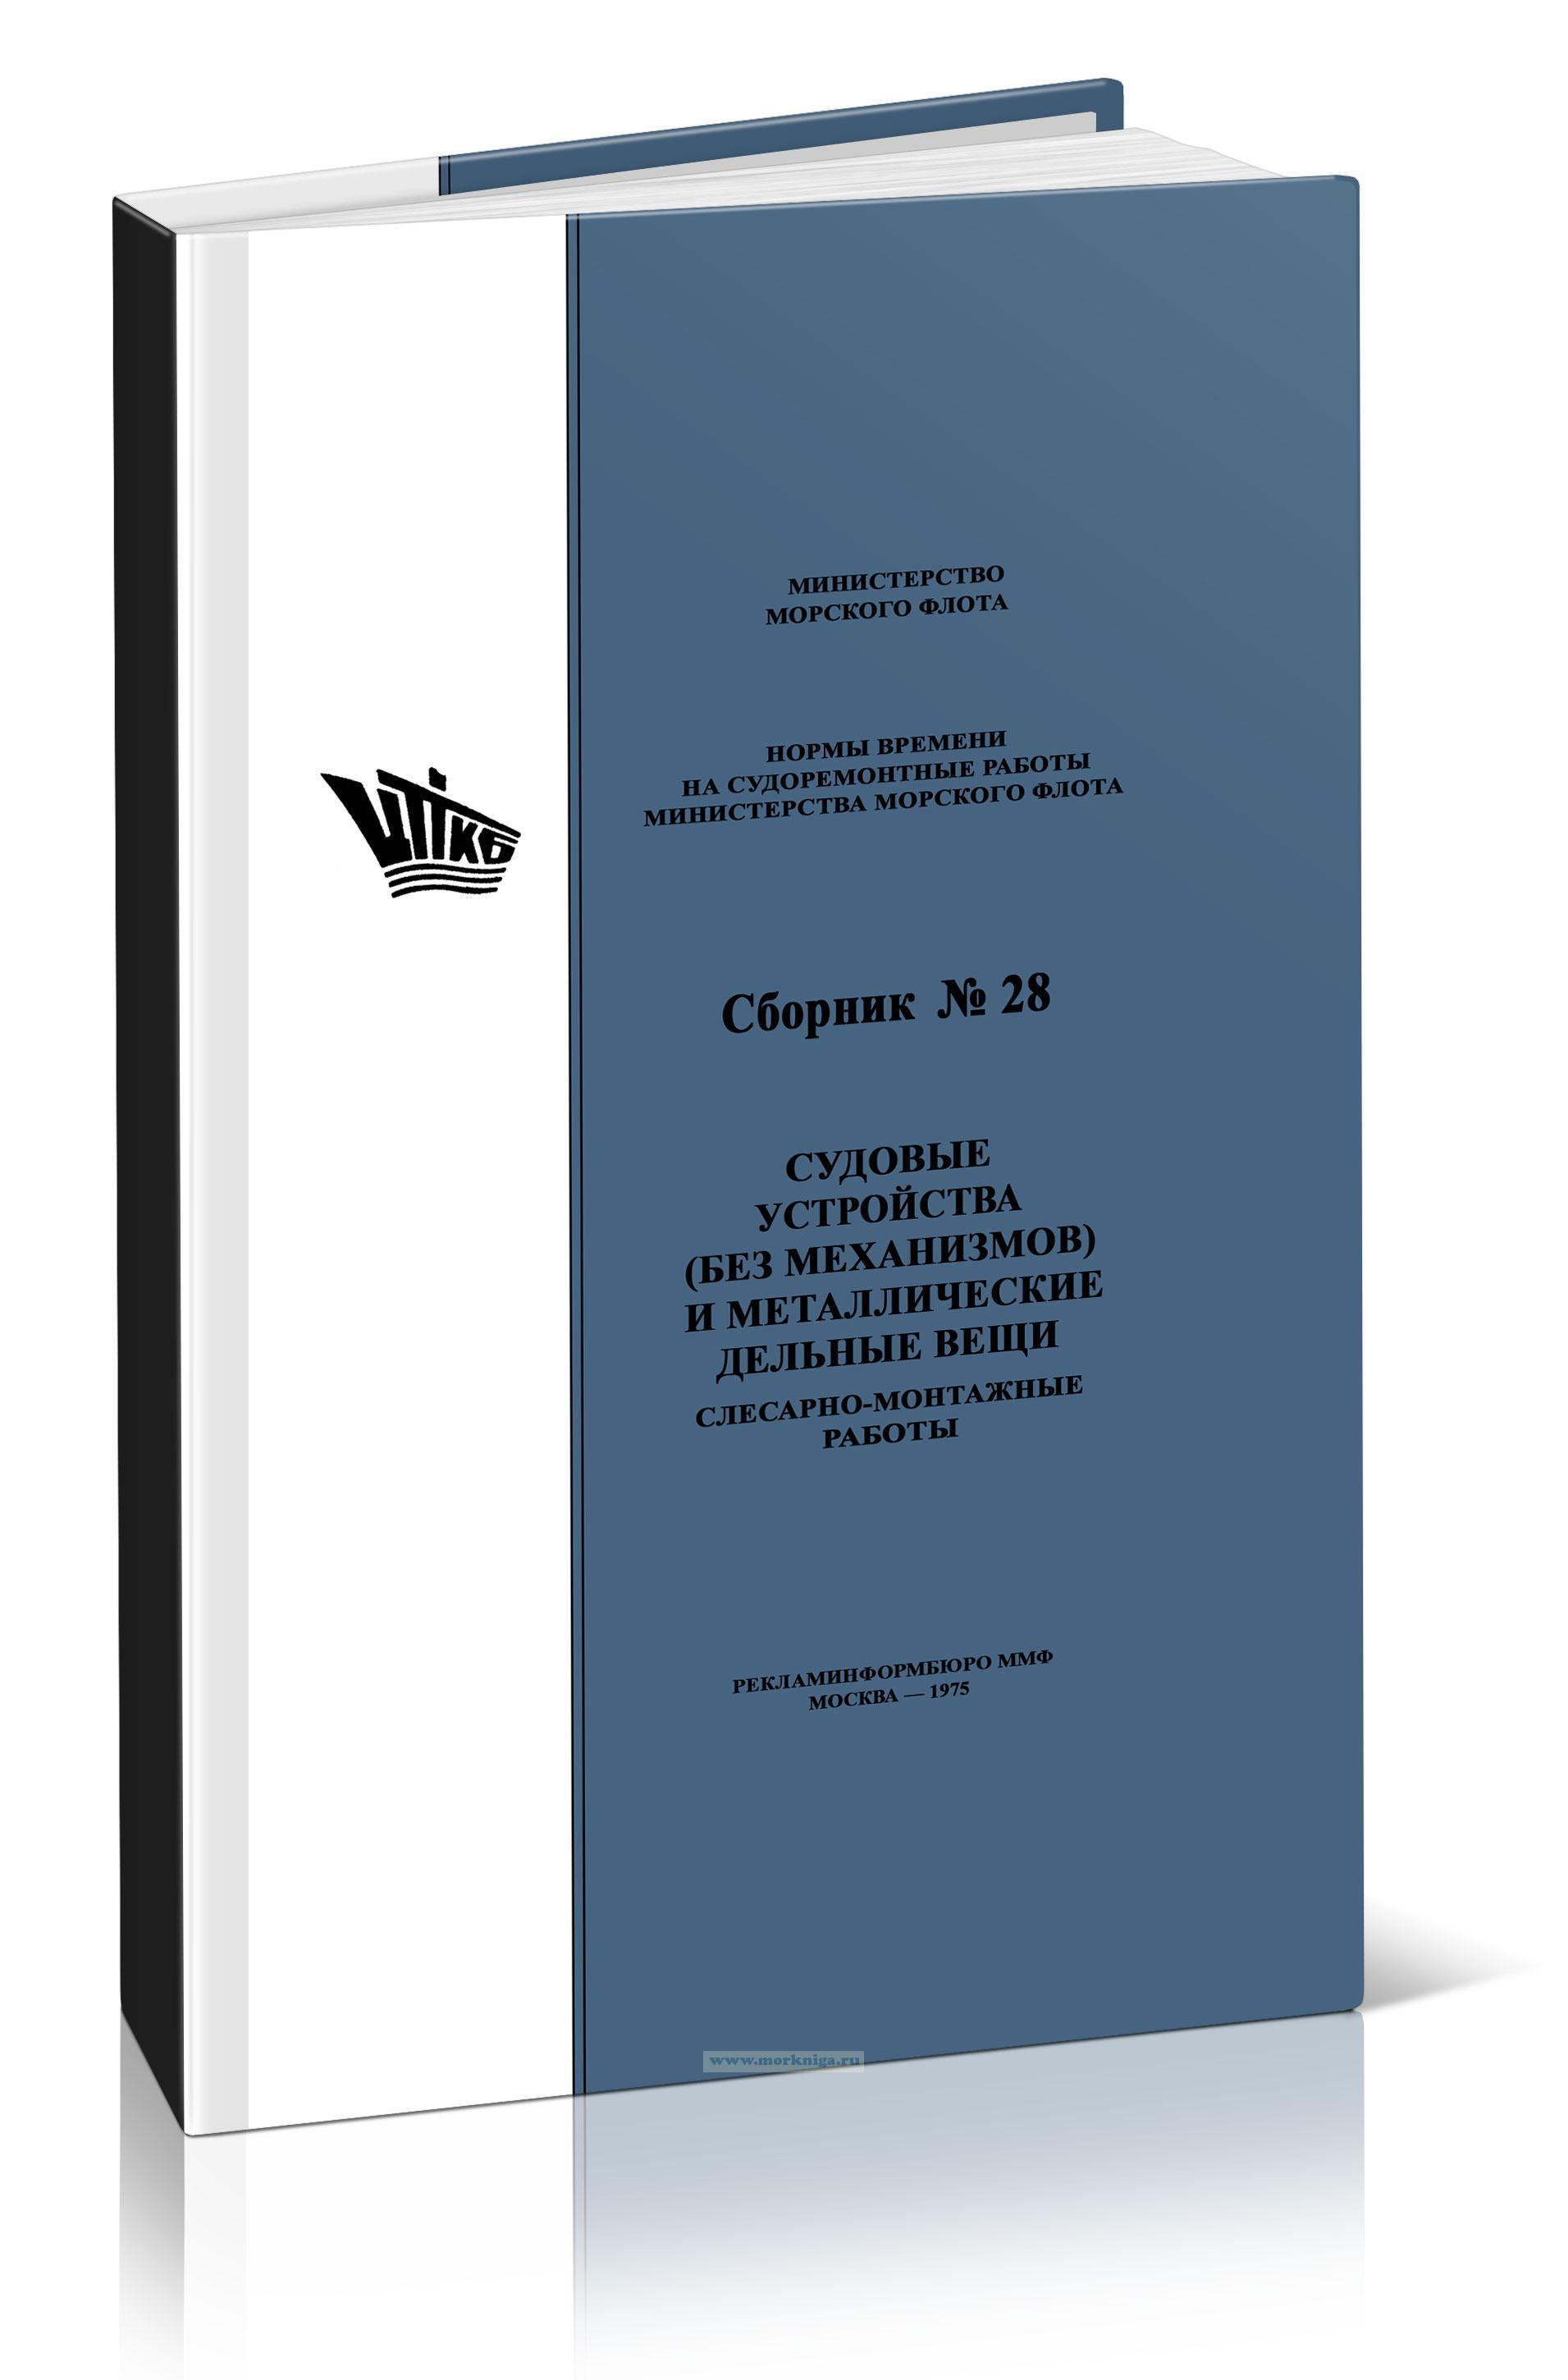 Нормы времени на судоремонтные работы. Сборник №28. Судовые устройства (без механизмов) и металлические дельные вещи. Слесарно-монтажные работы